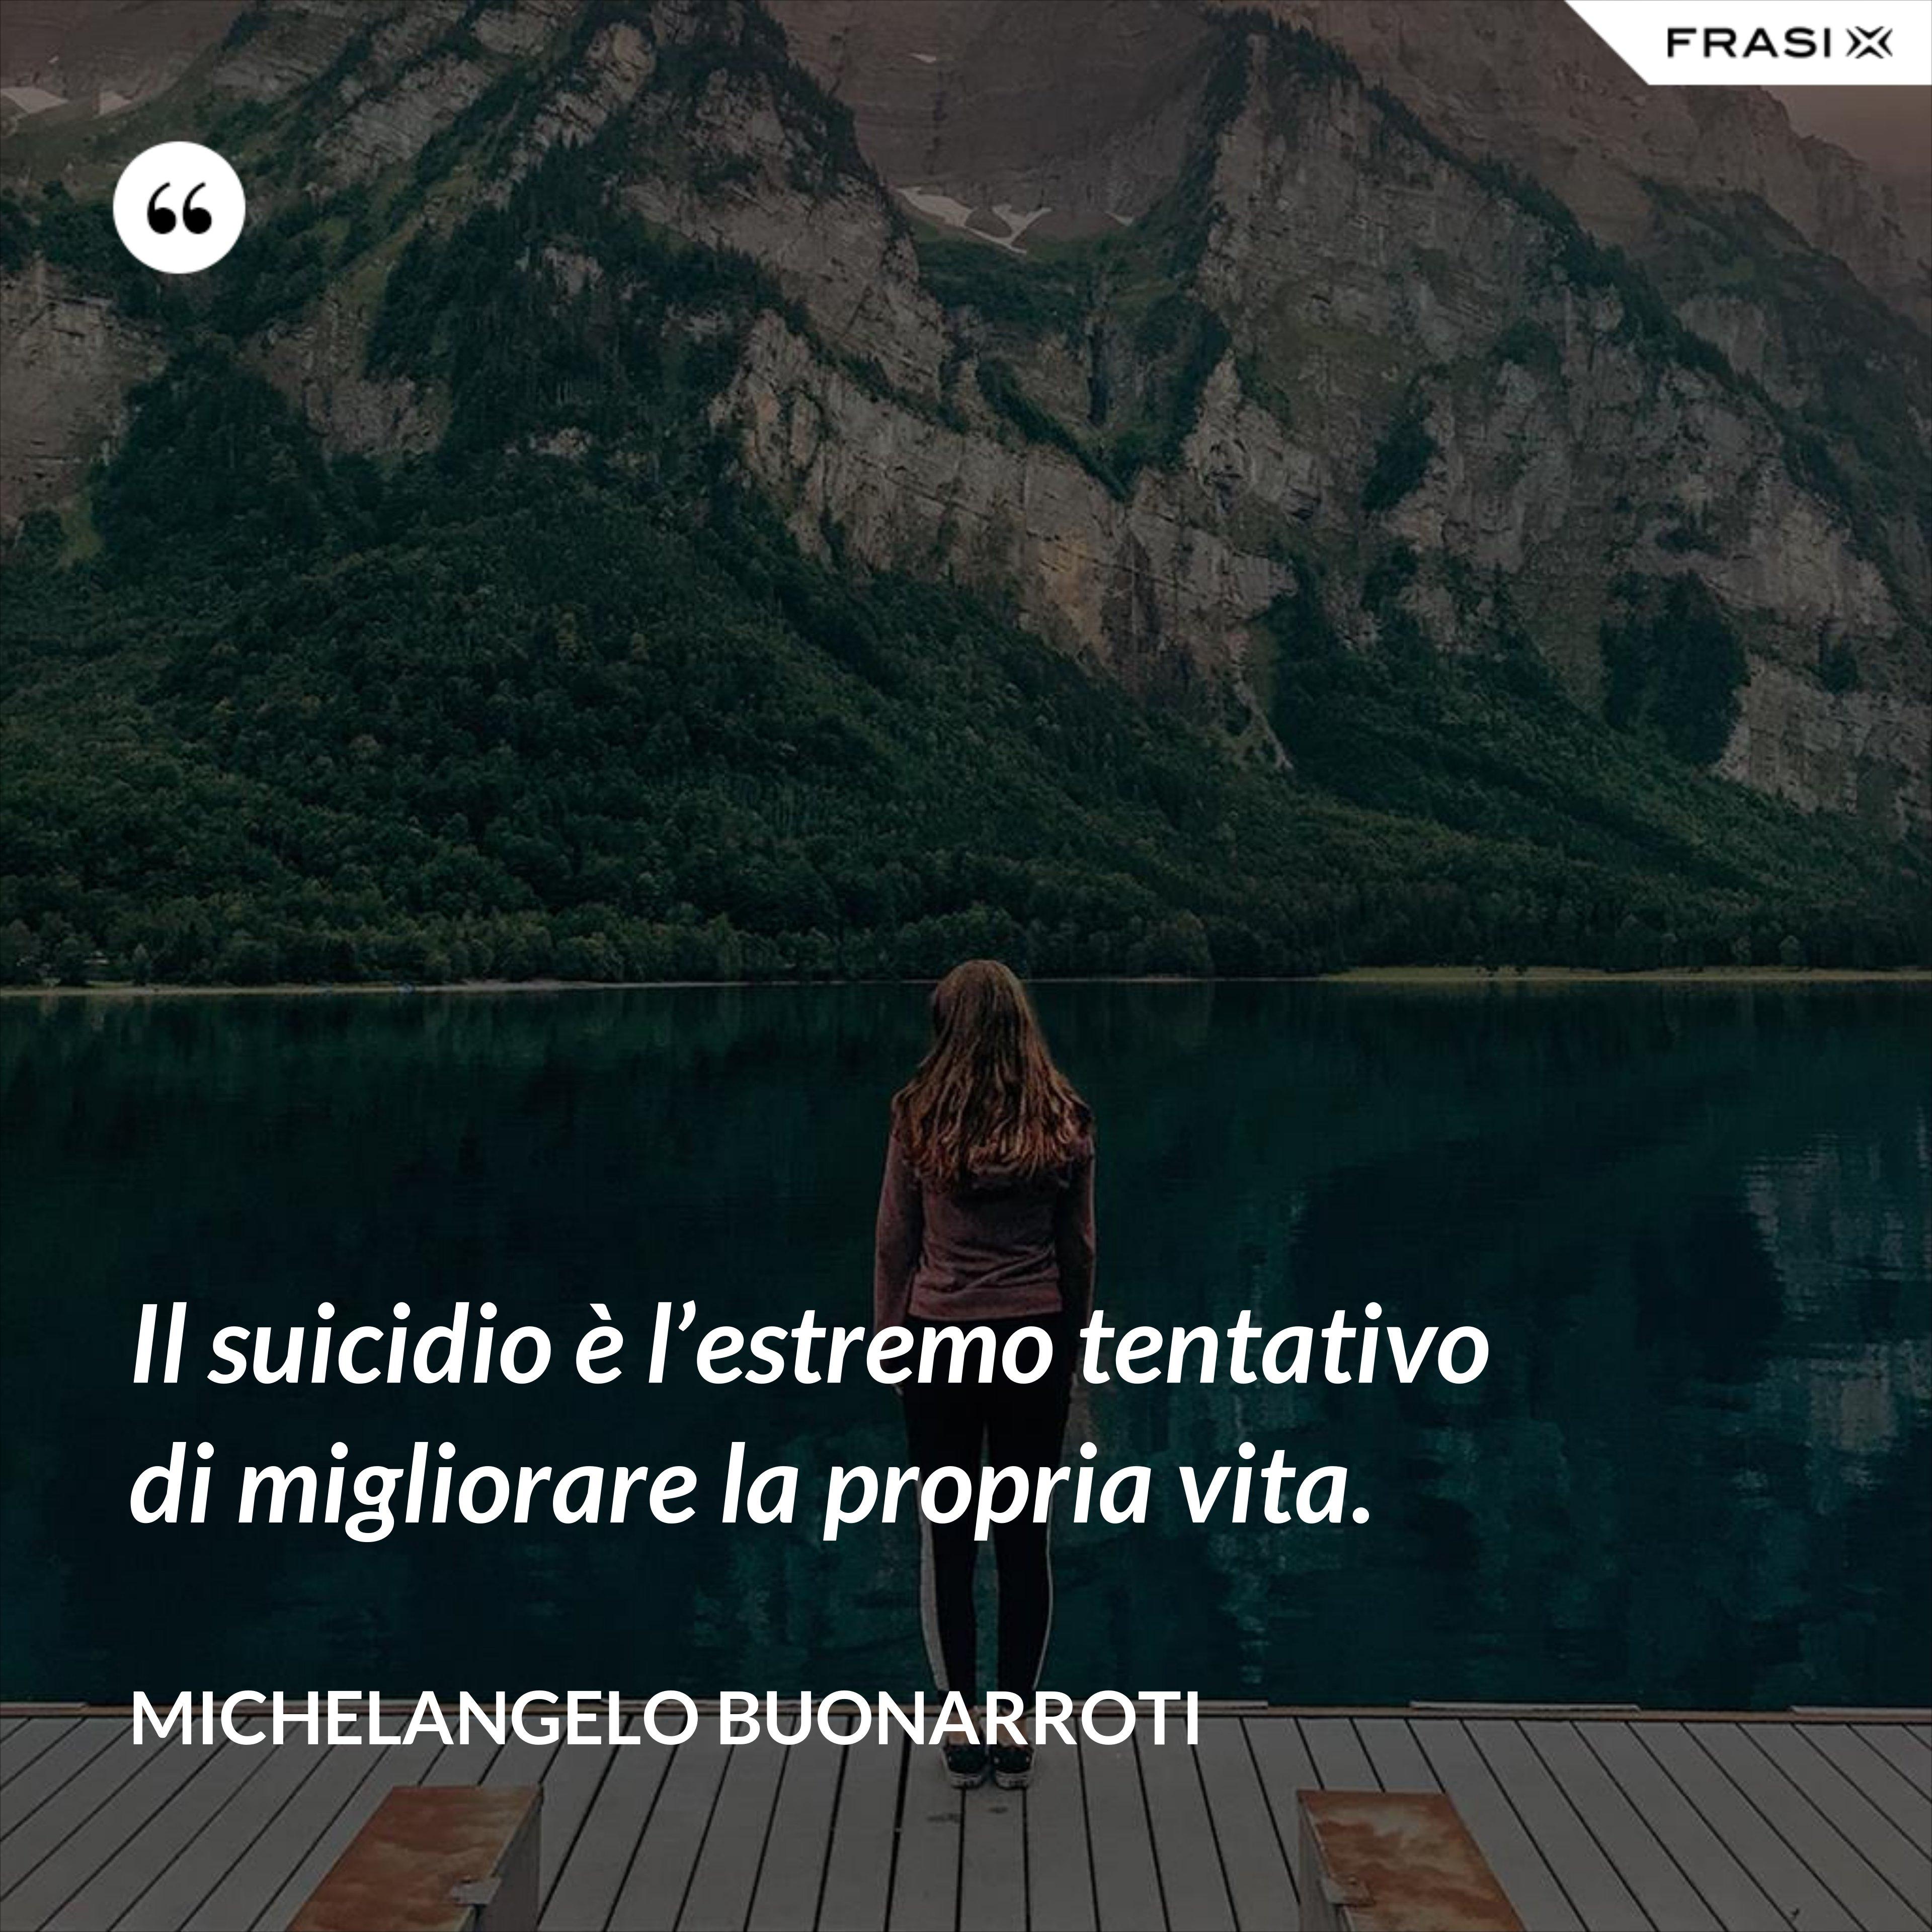 Il suicidio è l'estremo tentativo di migliorare la propria vita. - Michelangelo Buonarroti